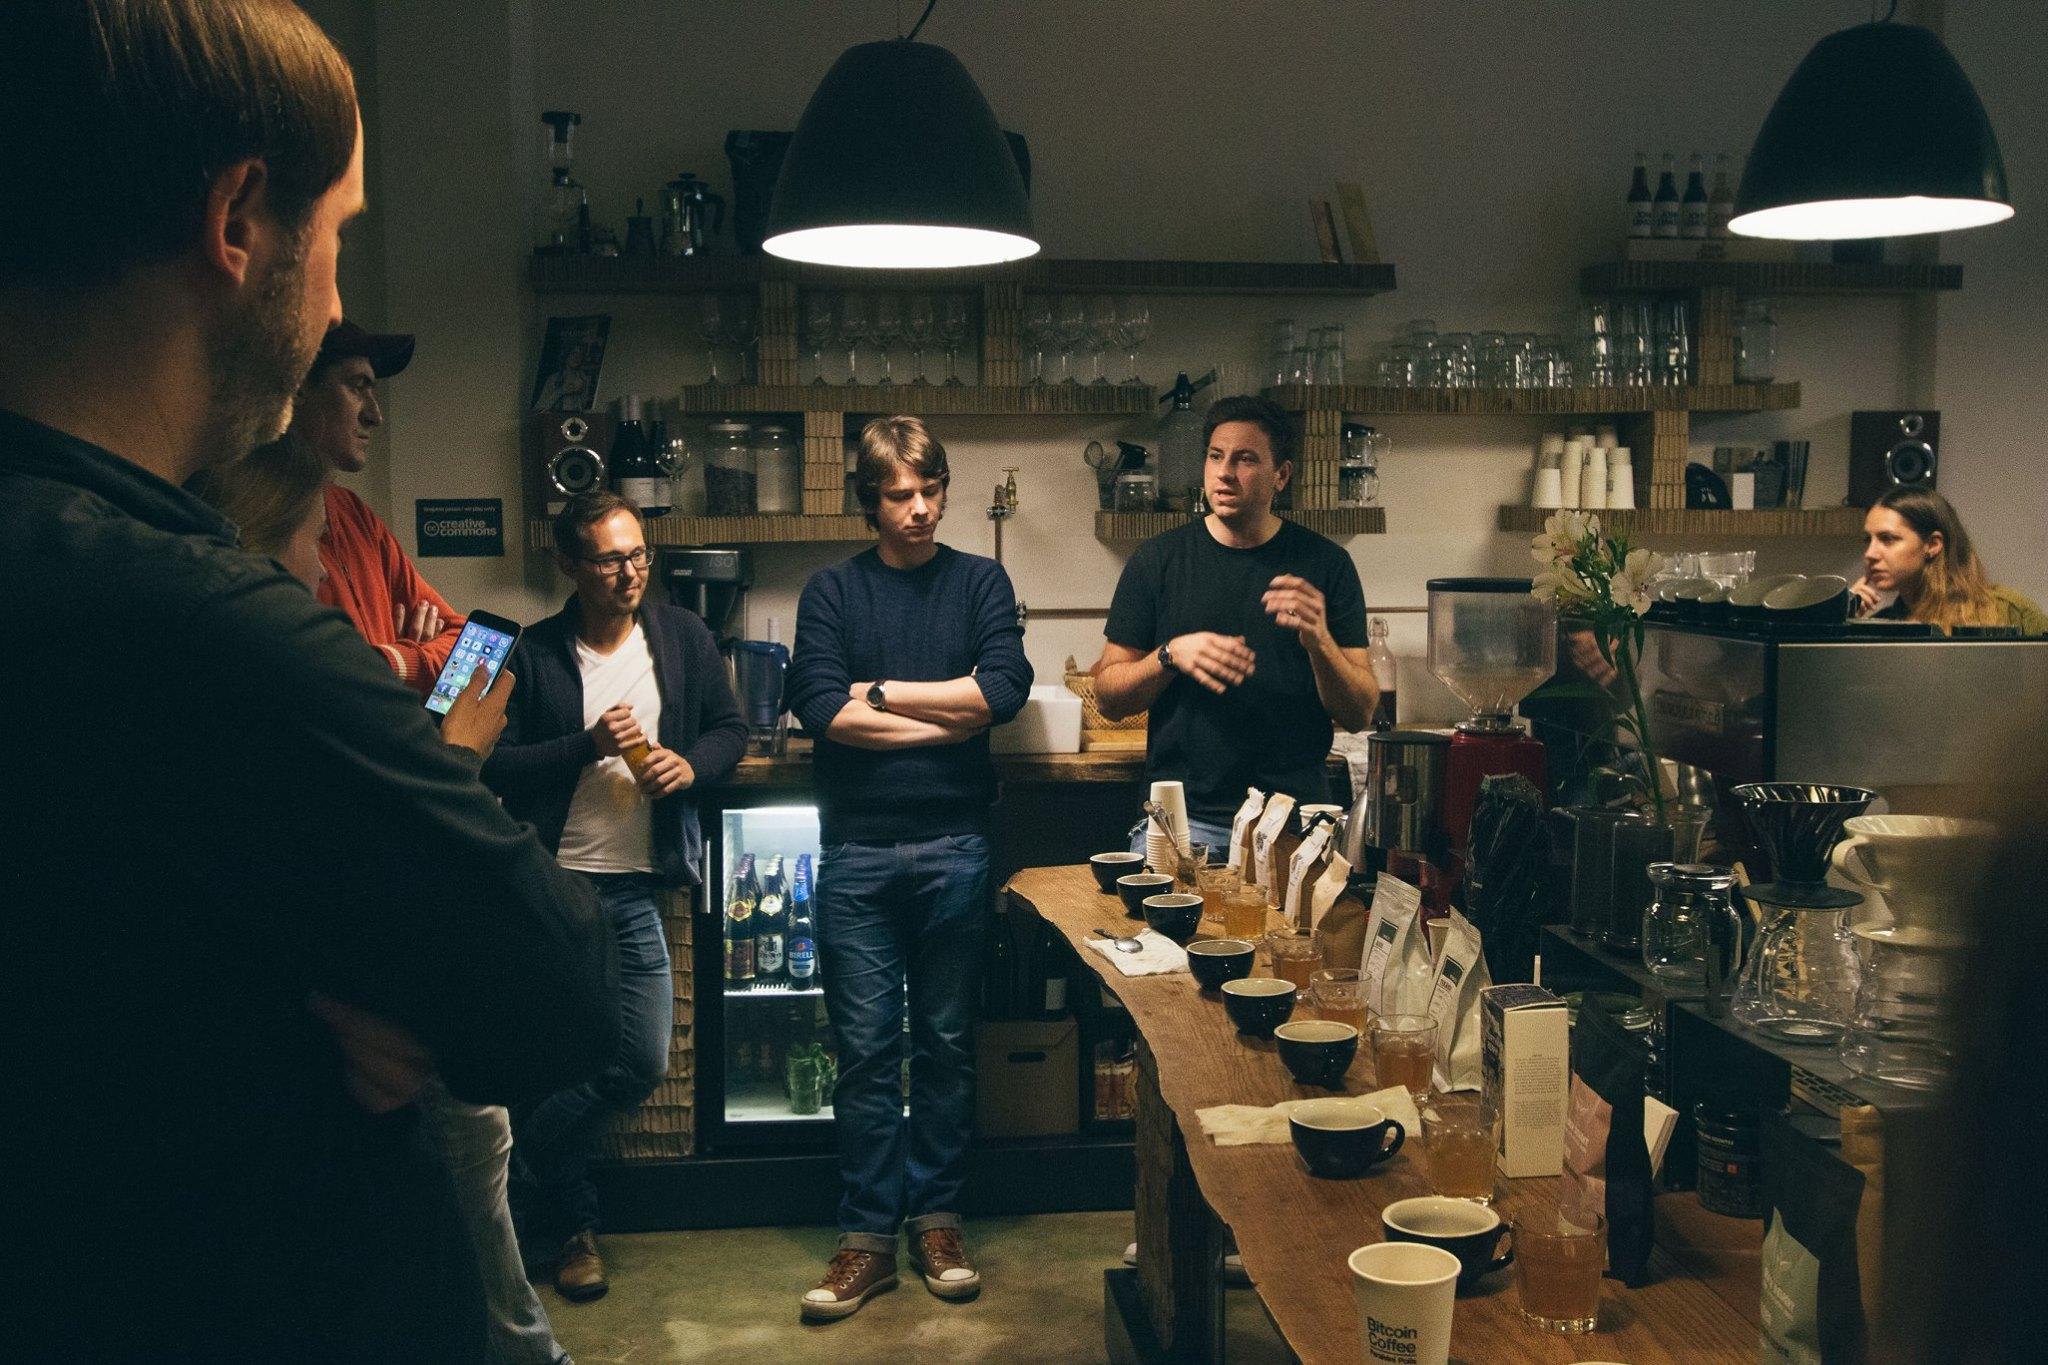 Na kávovém světě je prý zajímavé, s jakými osobami se můžete potkat. Od právníků, přes ajťáky po fotografy, kteří začali pracovat v kávovém průmyslu.